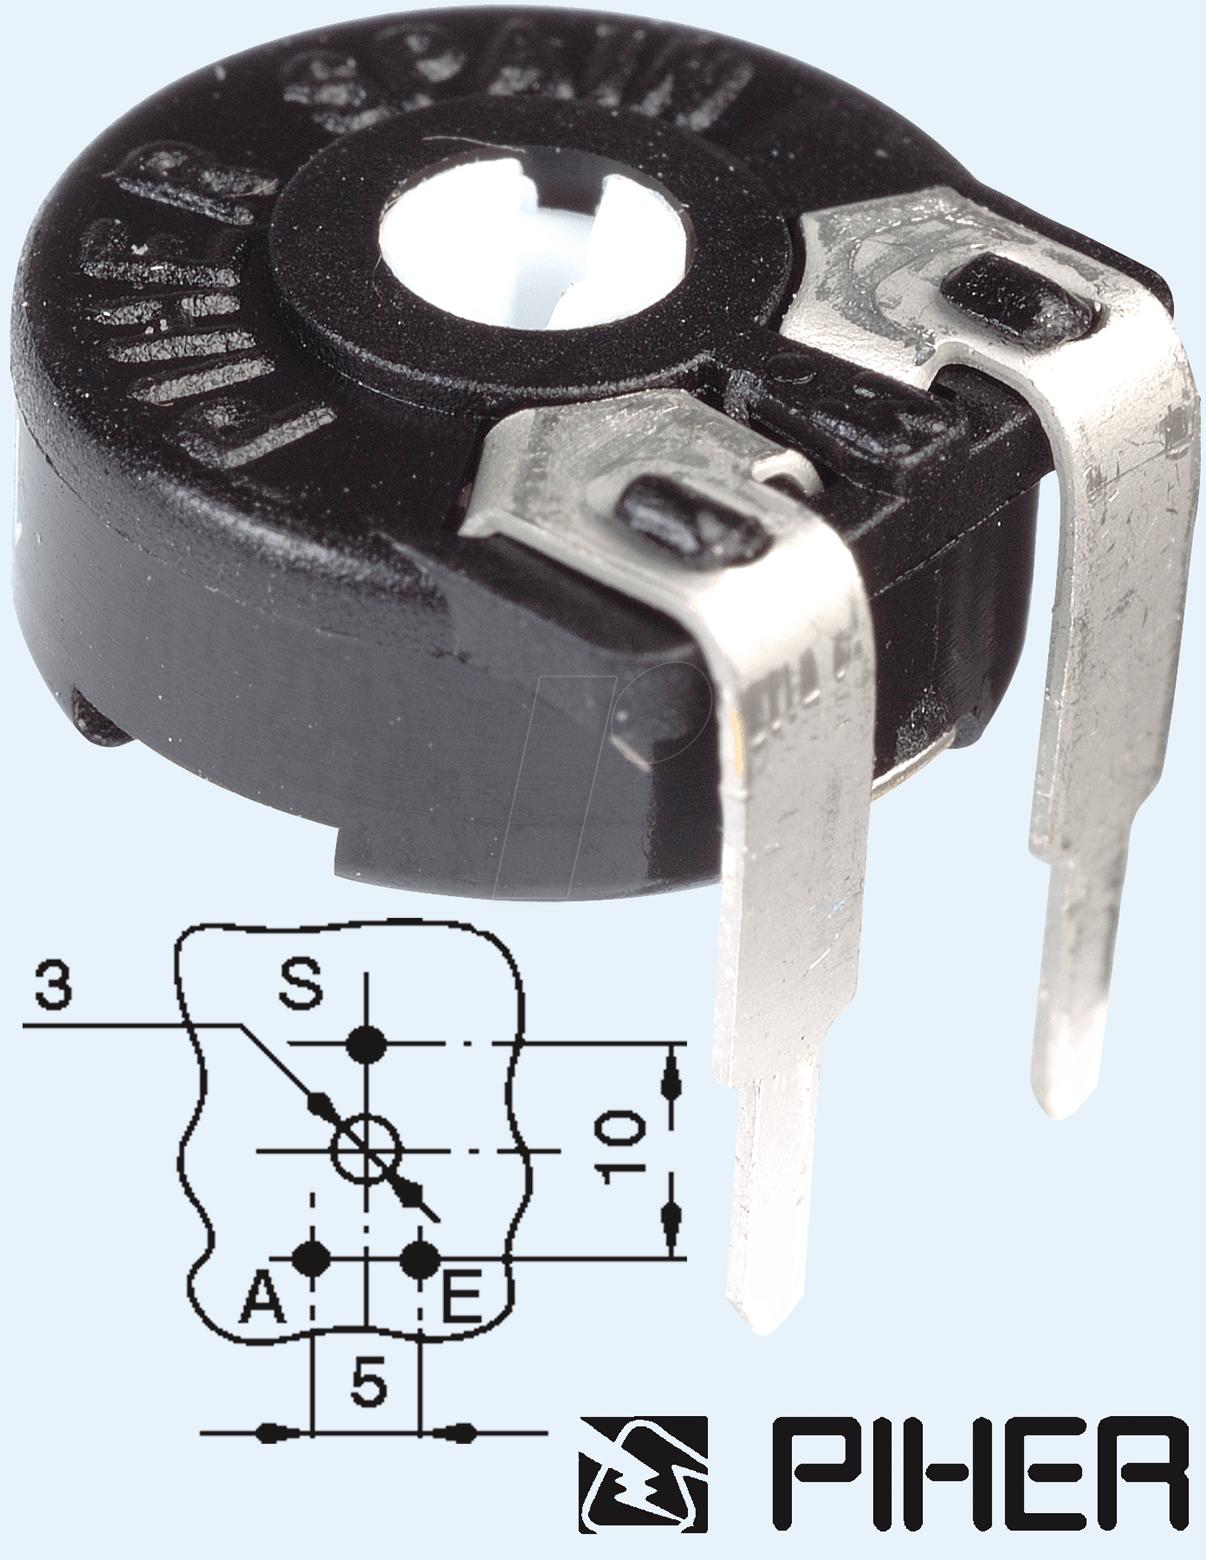 PT 10-L 100 - Einstellpotentiometer, liegend, 100 Ohm, 10 mm